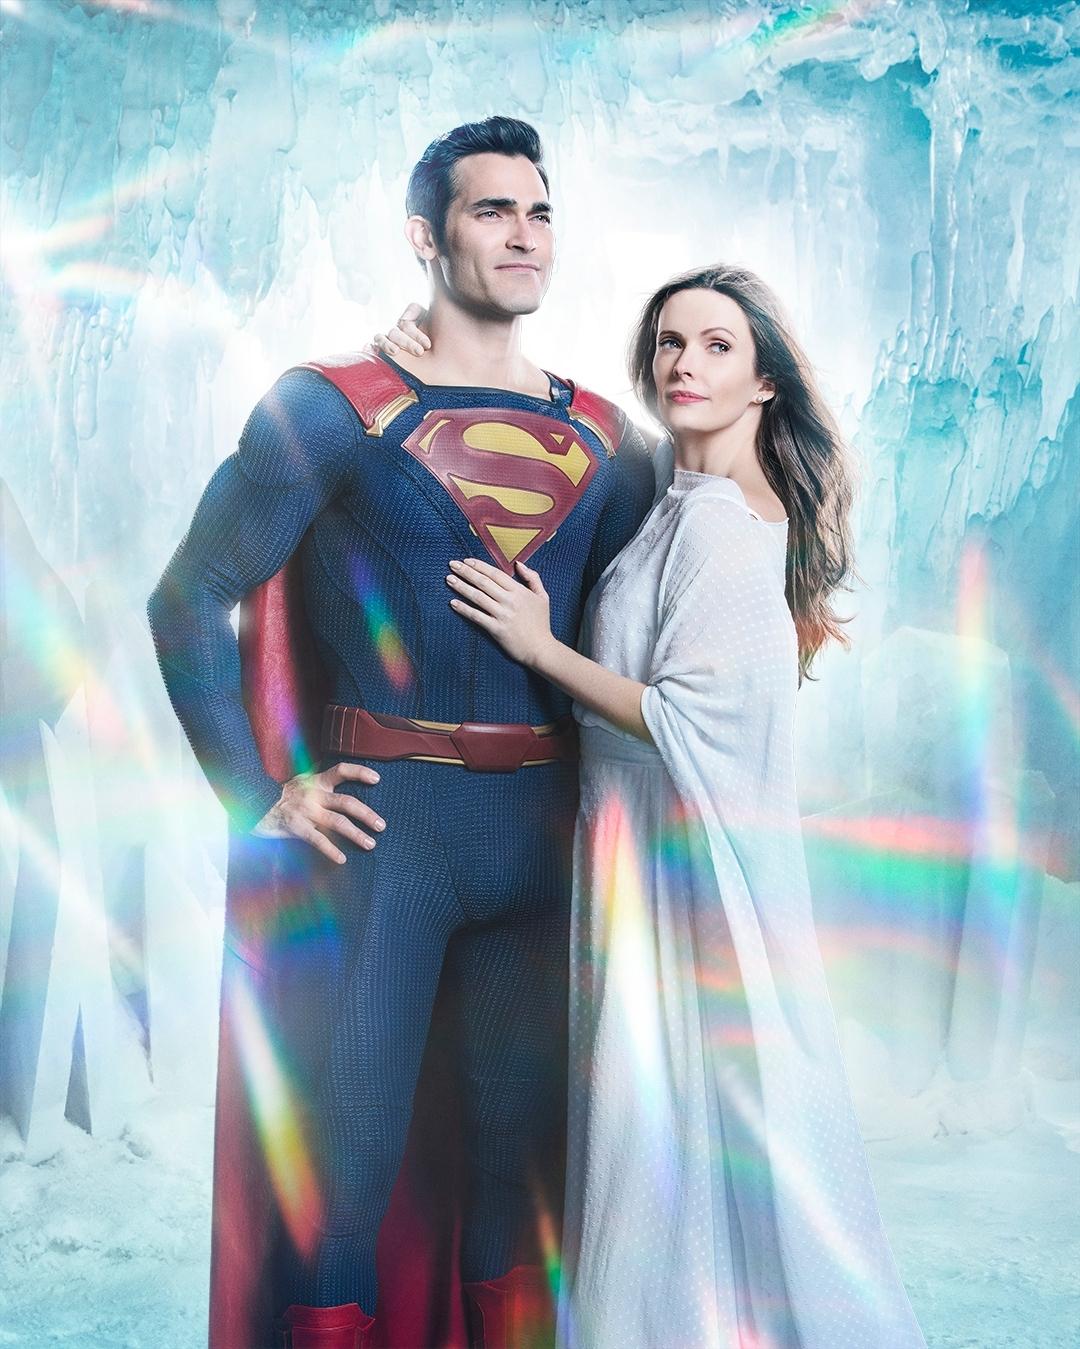 Team Superman